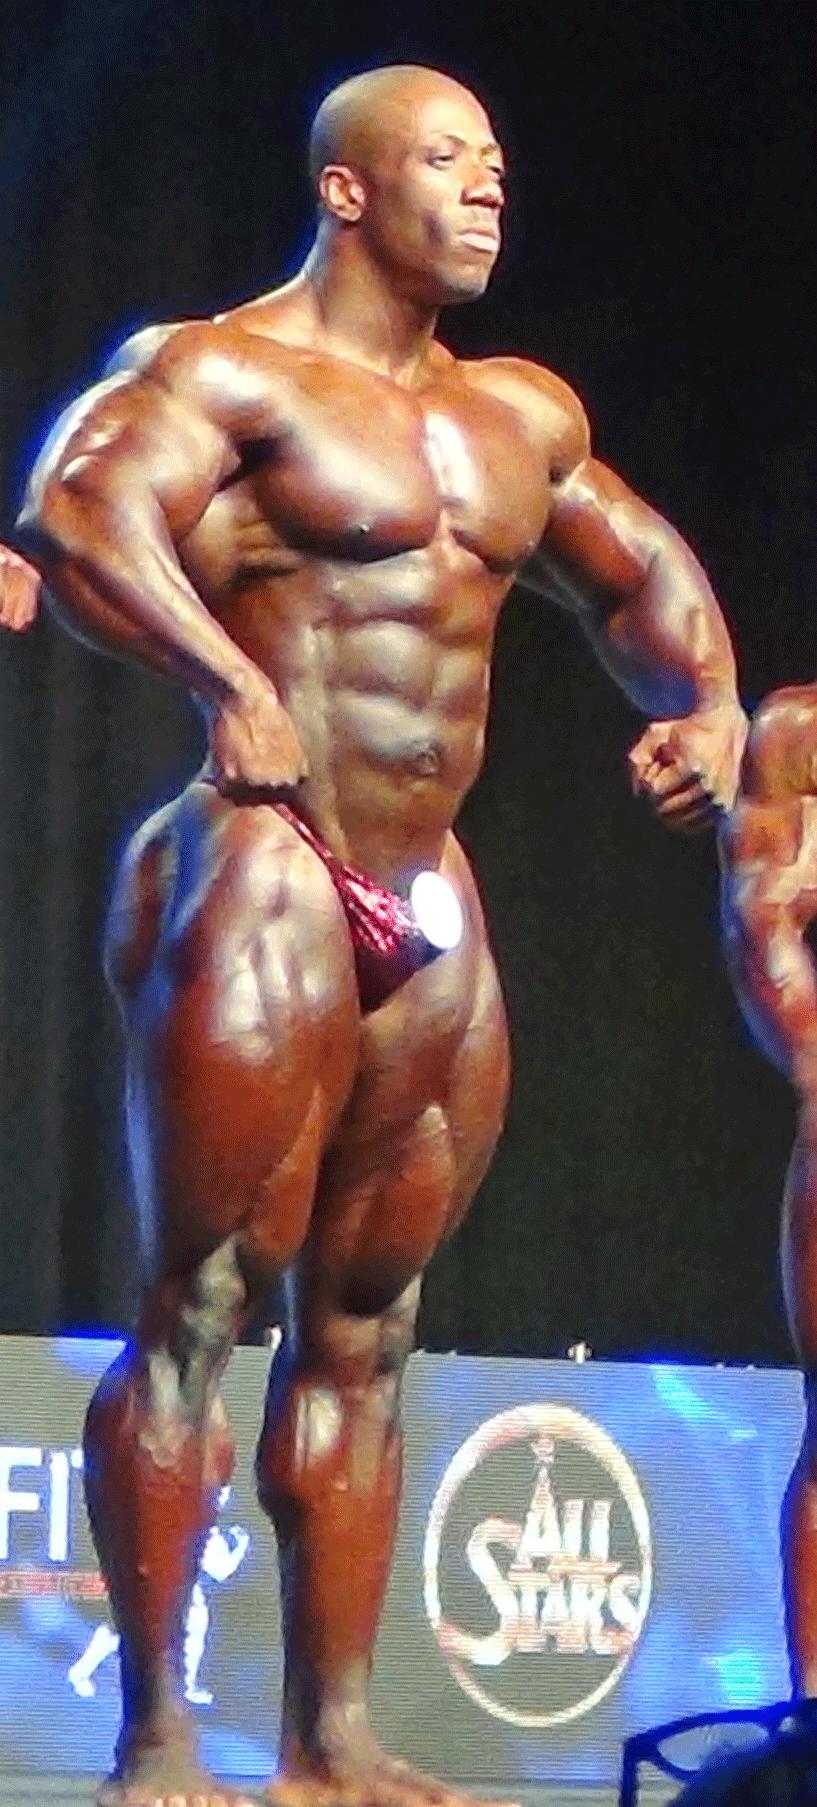 Predstaviteľ svalovej estetiky Shawn Rhoden je typom pretekára, ktorý zo súčasnej profi špičky najlepšie spĺňa pôvodné ideály bodybuildingu